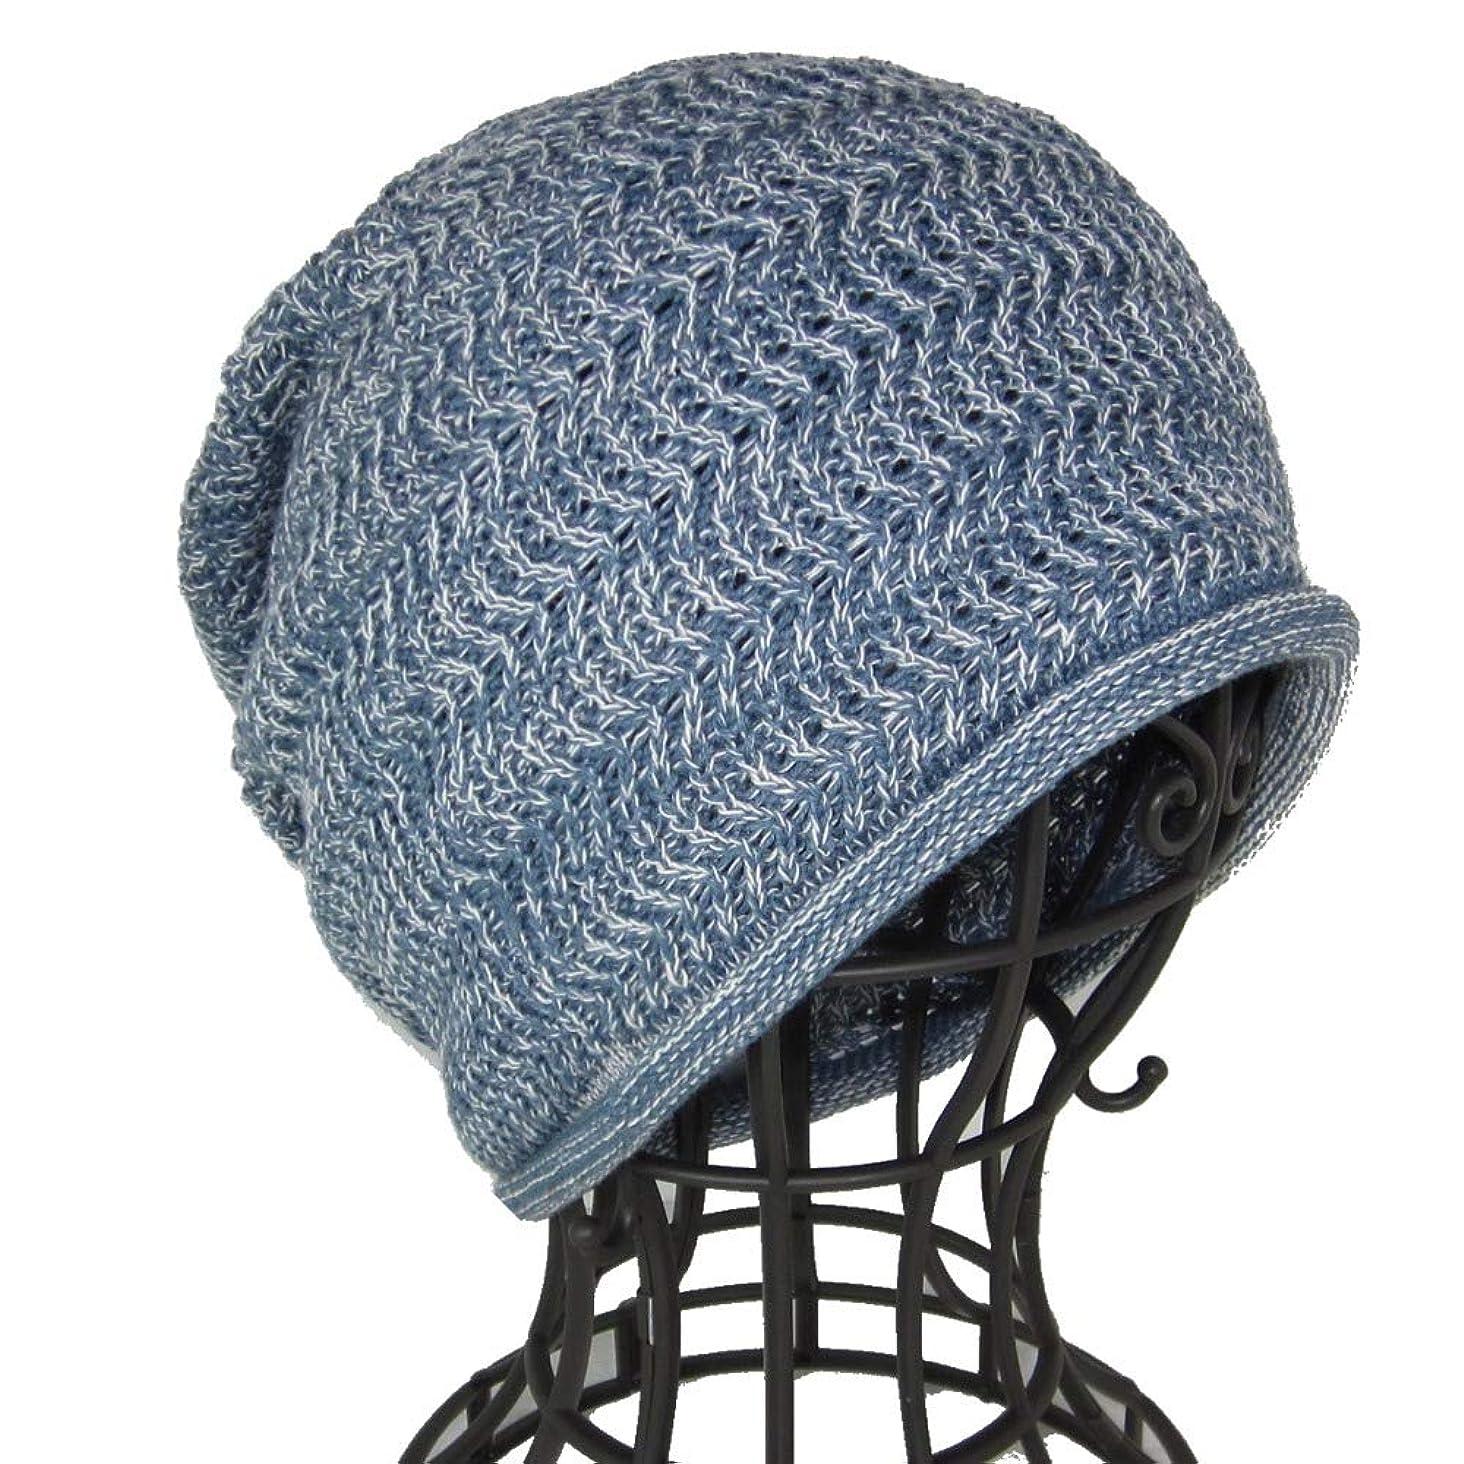 アレキサンダーグラハムベル炭素レモン医療用帽子 抗がん剤帽子 生地と縫製にこだわる/シームレスニットライトブルー杢